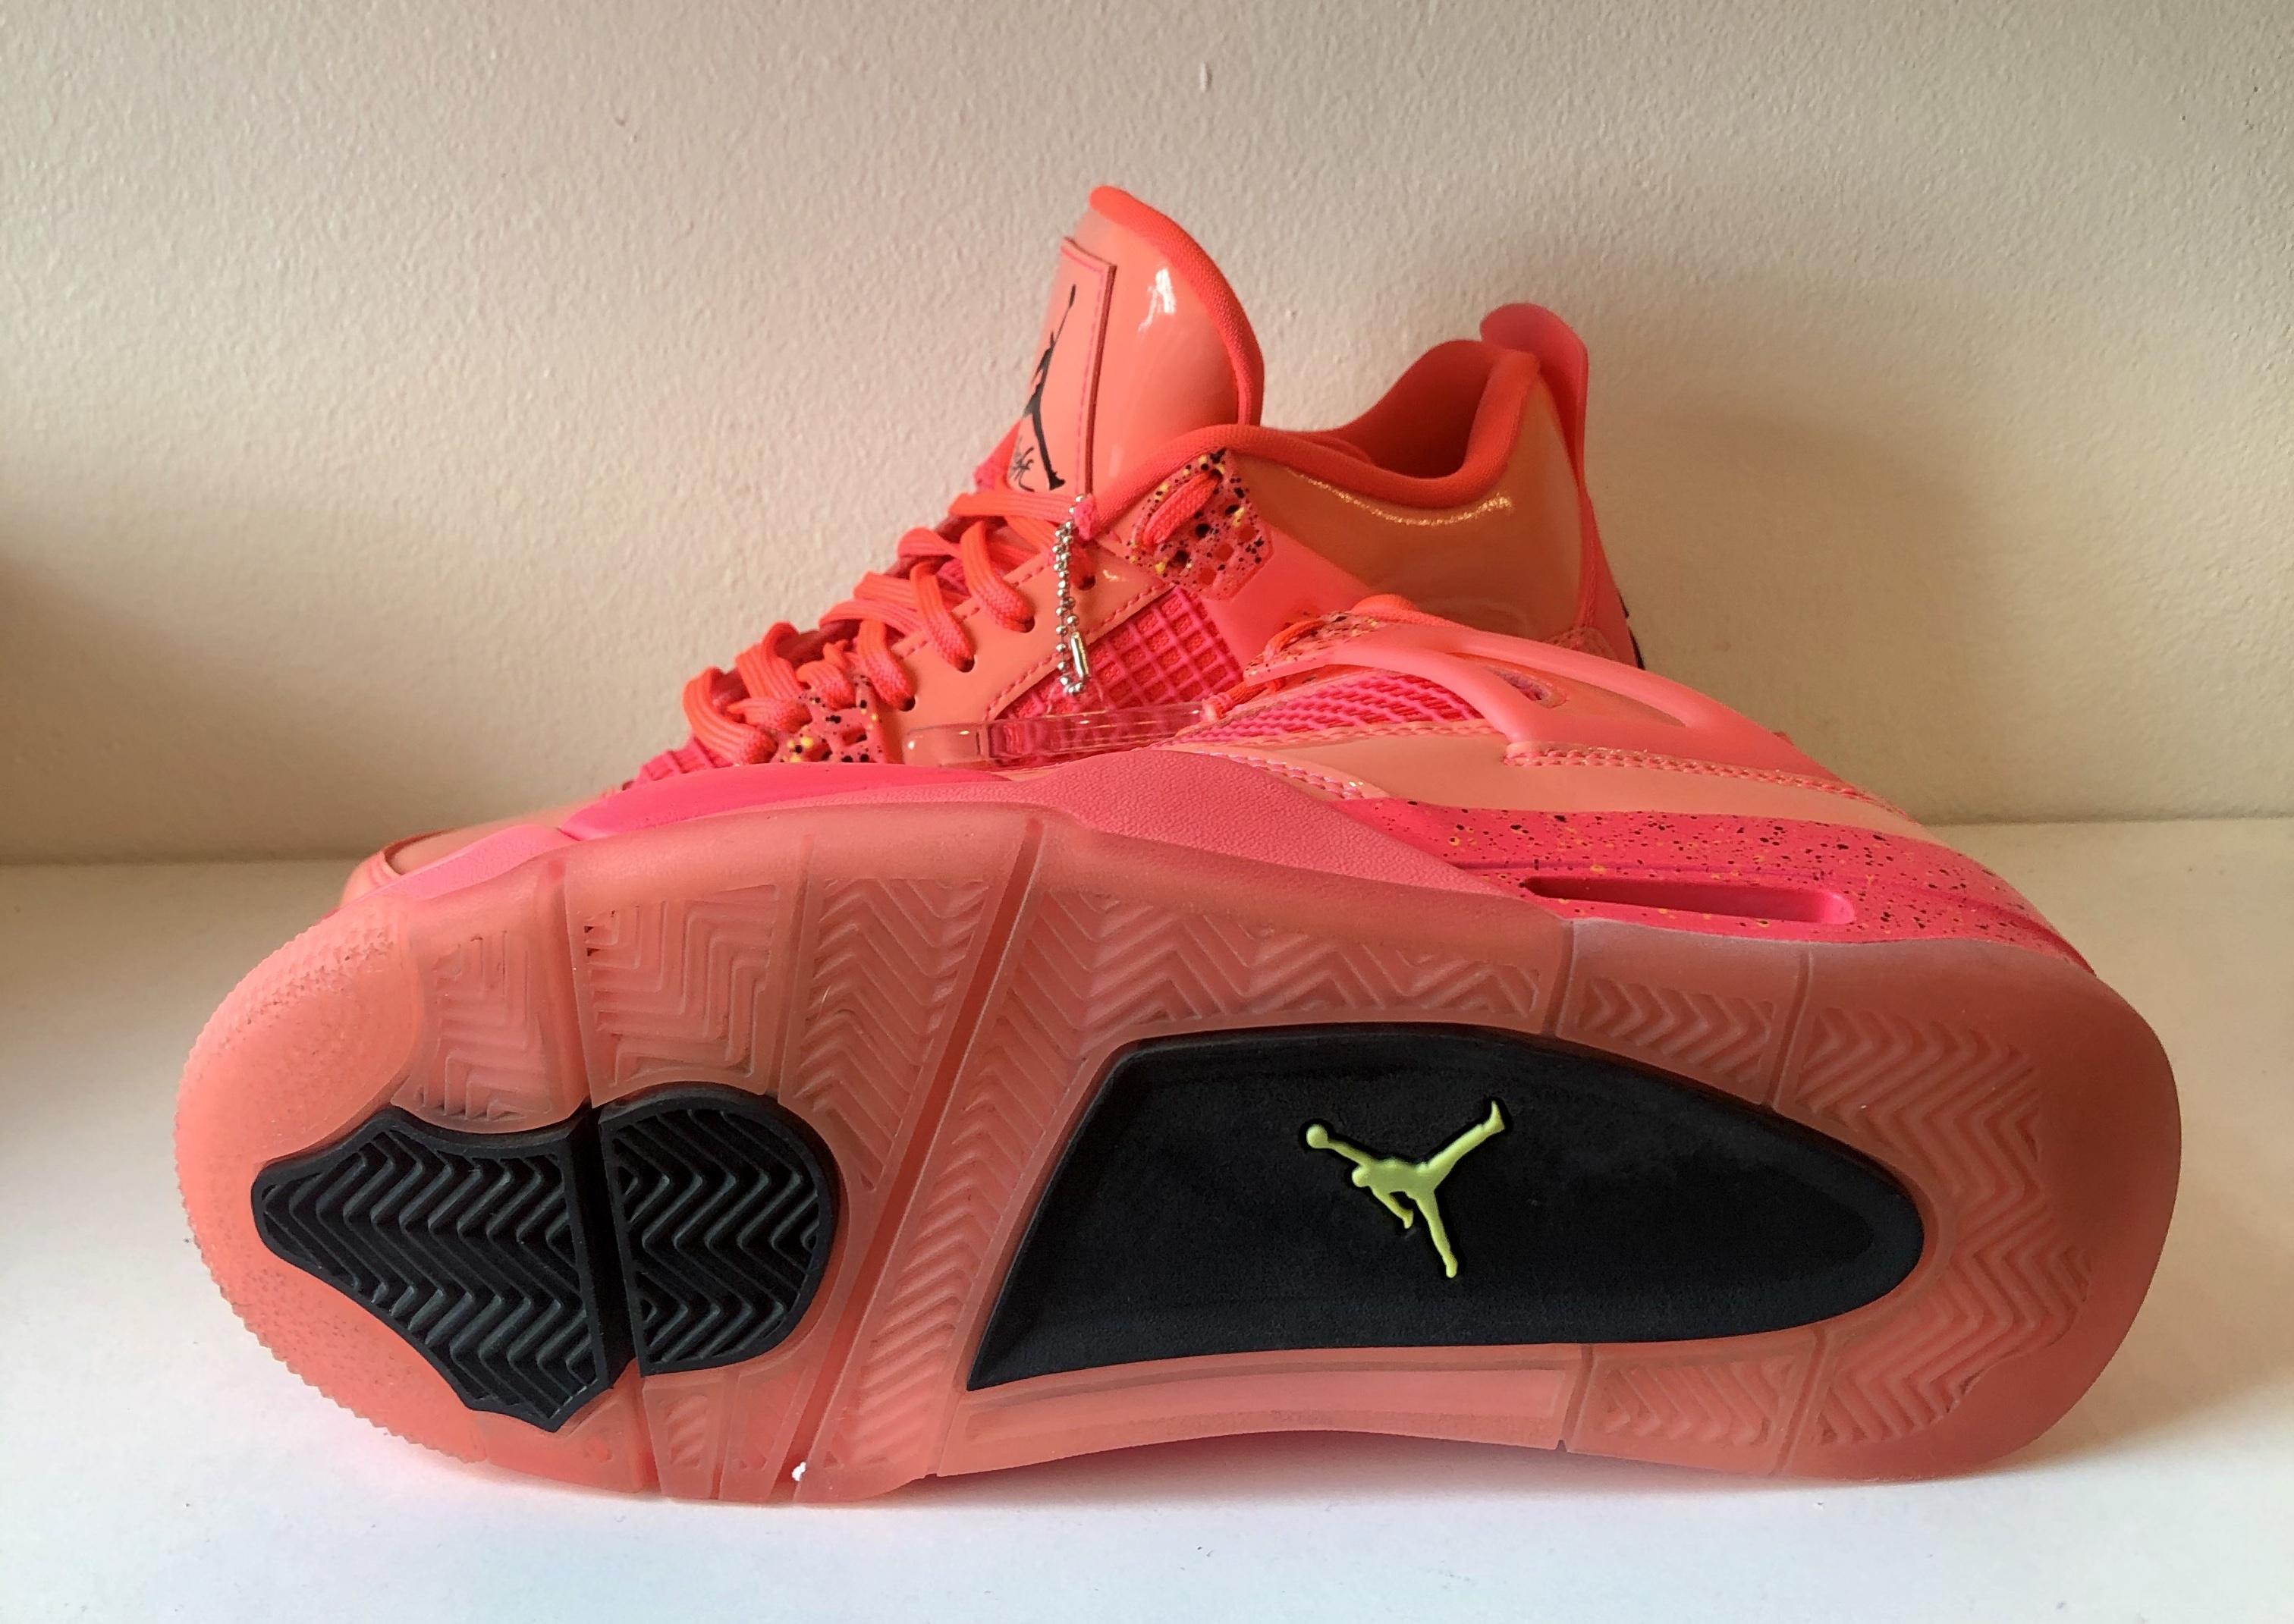 Jordan 4 Retro Hot Punch